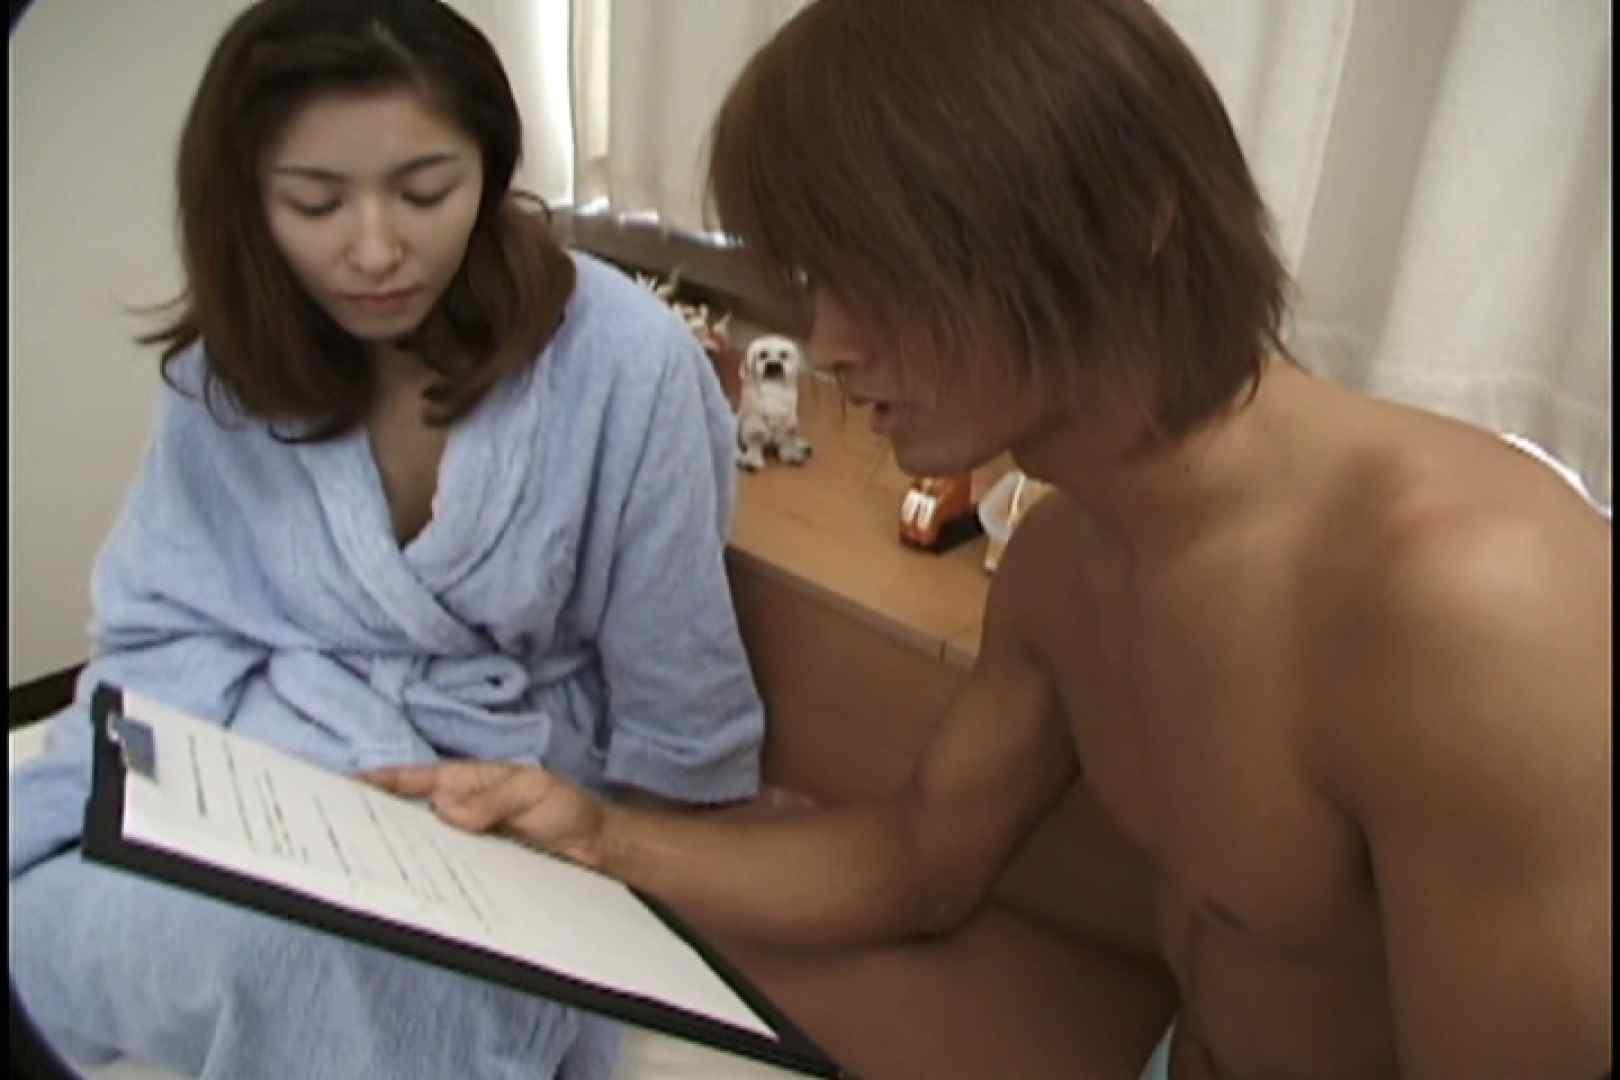 昼間の奥様は欲求不満 ~安田弘美~ おっぱい大好き  76pic 40